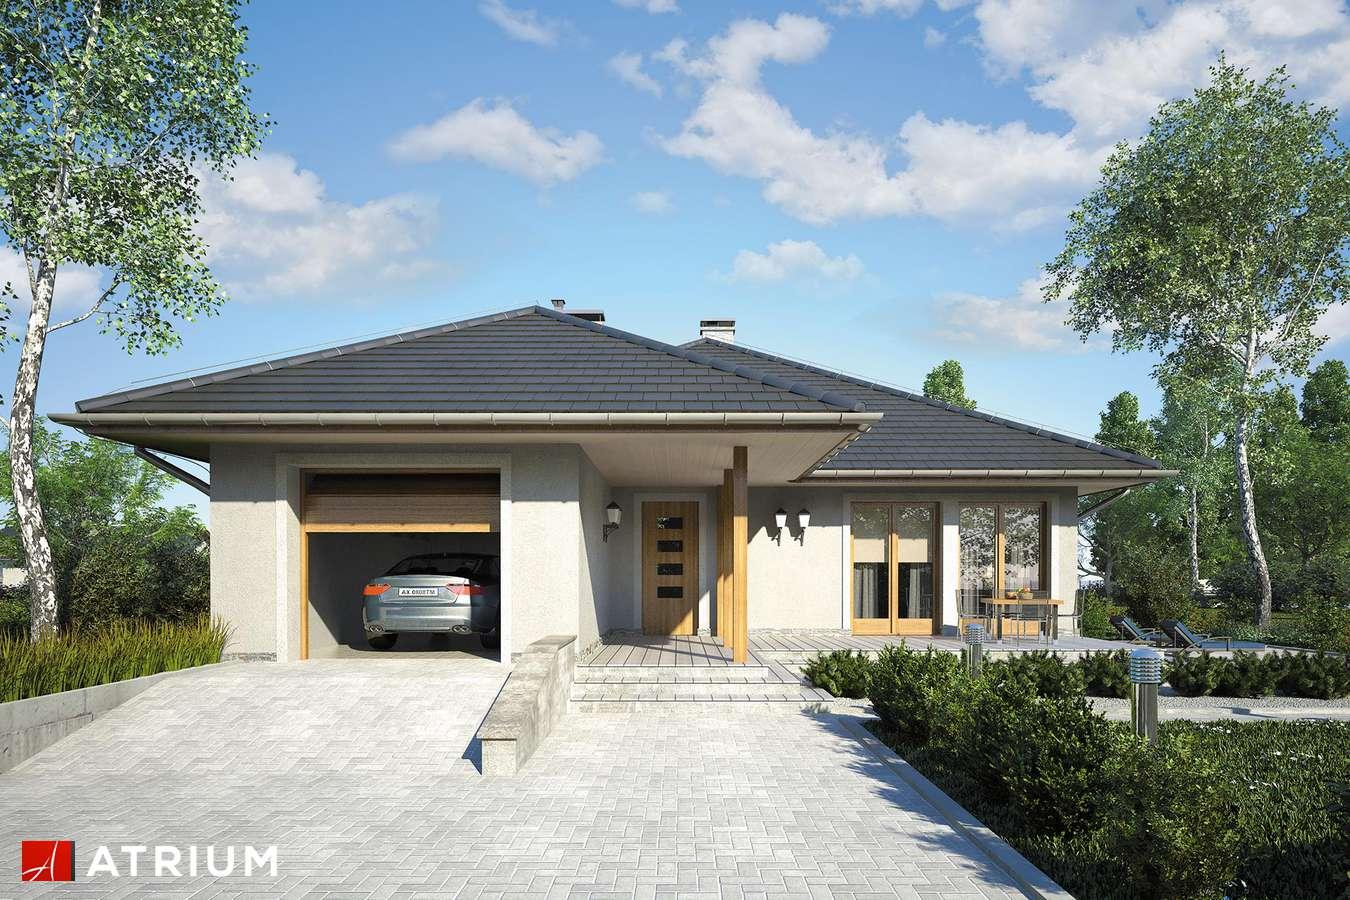 Projekty domów - Projekt domu parterowego ALABAMA - wizualizacja 1